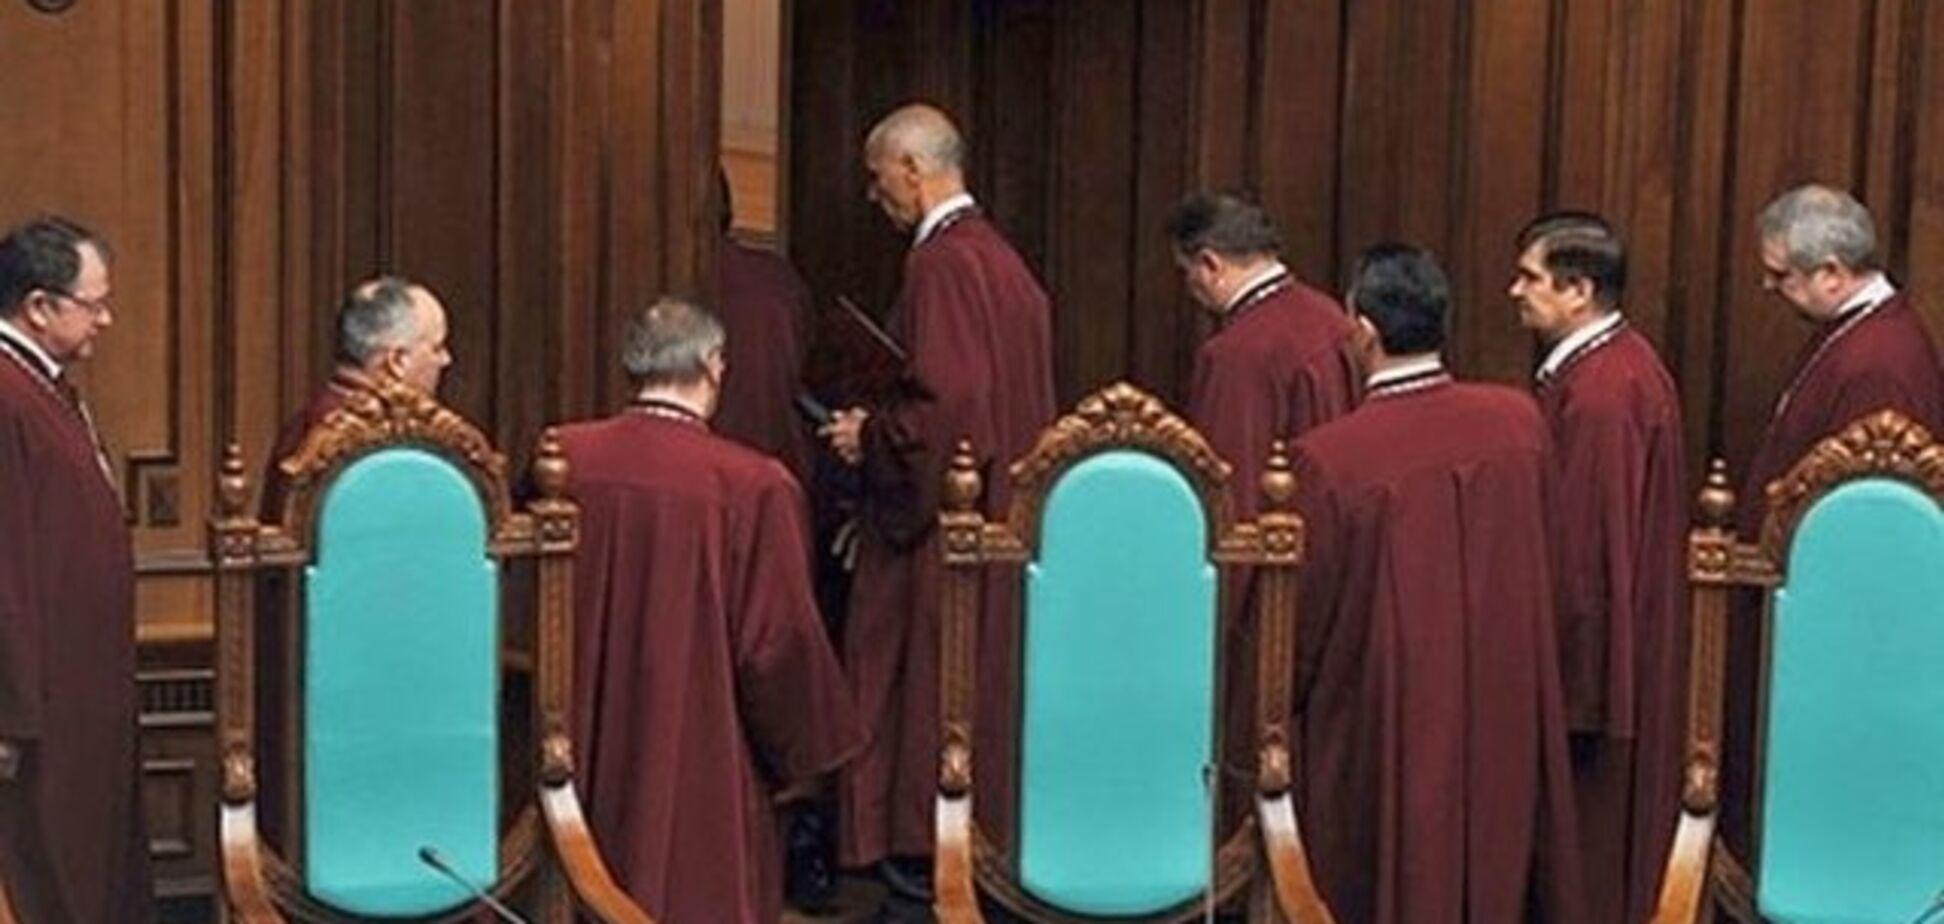 Конституционный суд избрал нового главу: что о нем известно